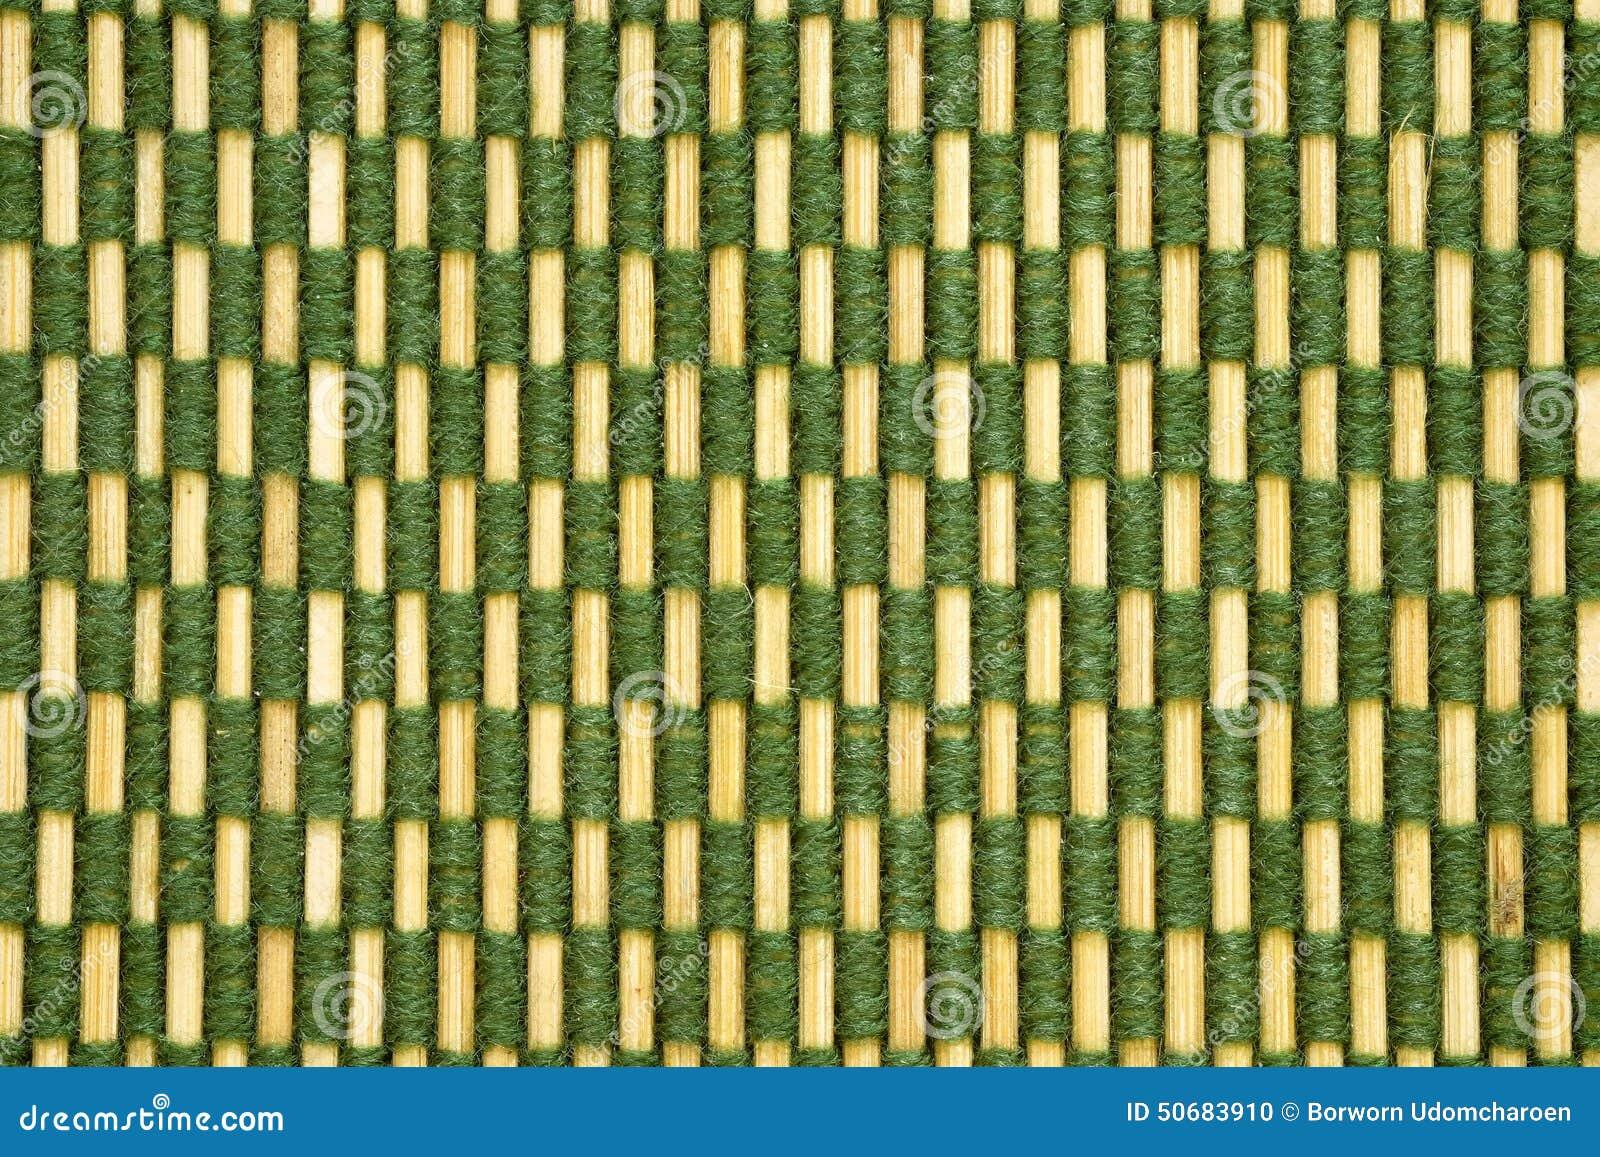 Download 亚洲竹席子样式 库存照片. 图片 包括有 日语, 席子, 模式, 棉花, 大袋, 棍子, 汉语, 要素, 食物 - 50683910